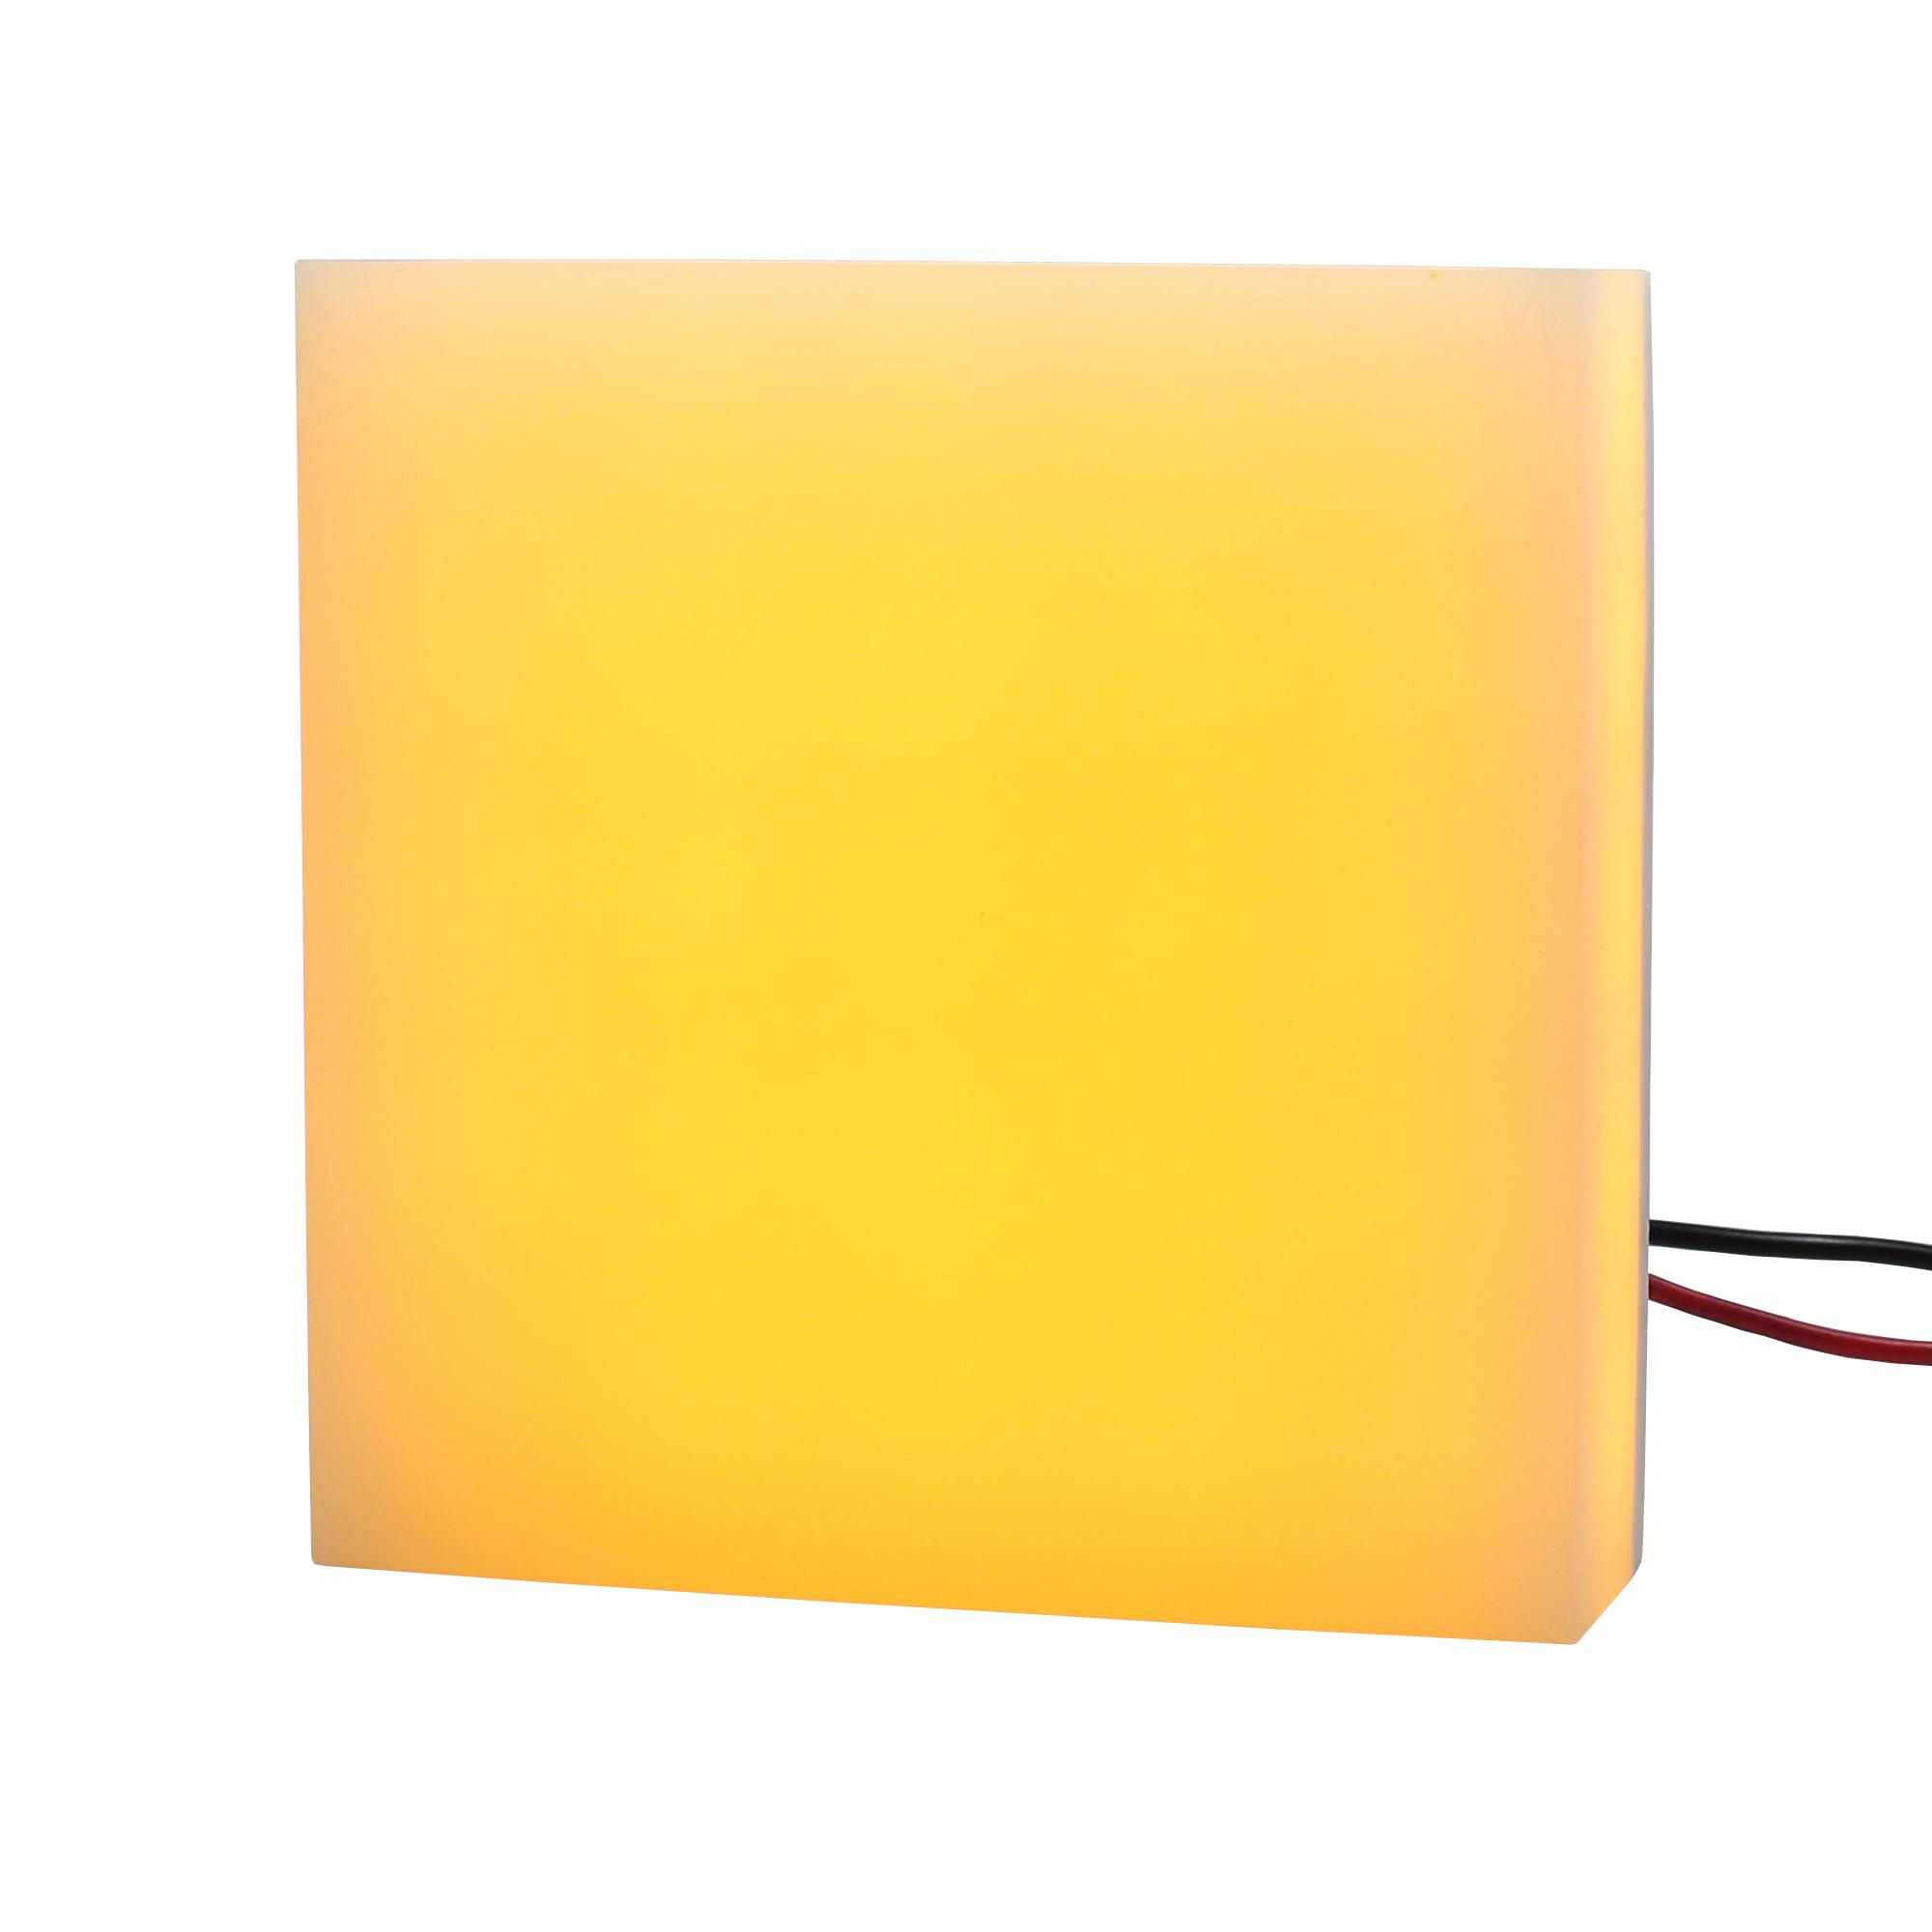 چراغ پارکی مدل RGB 15CM